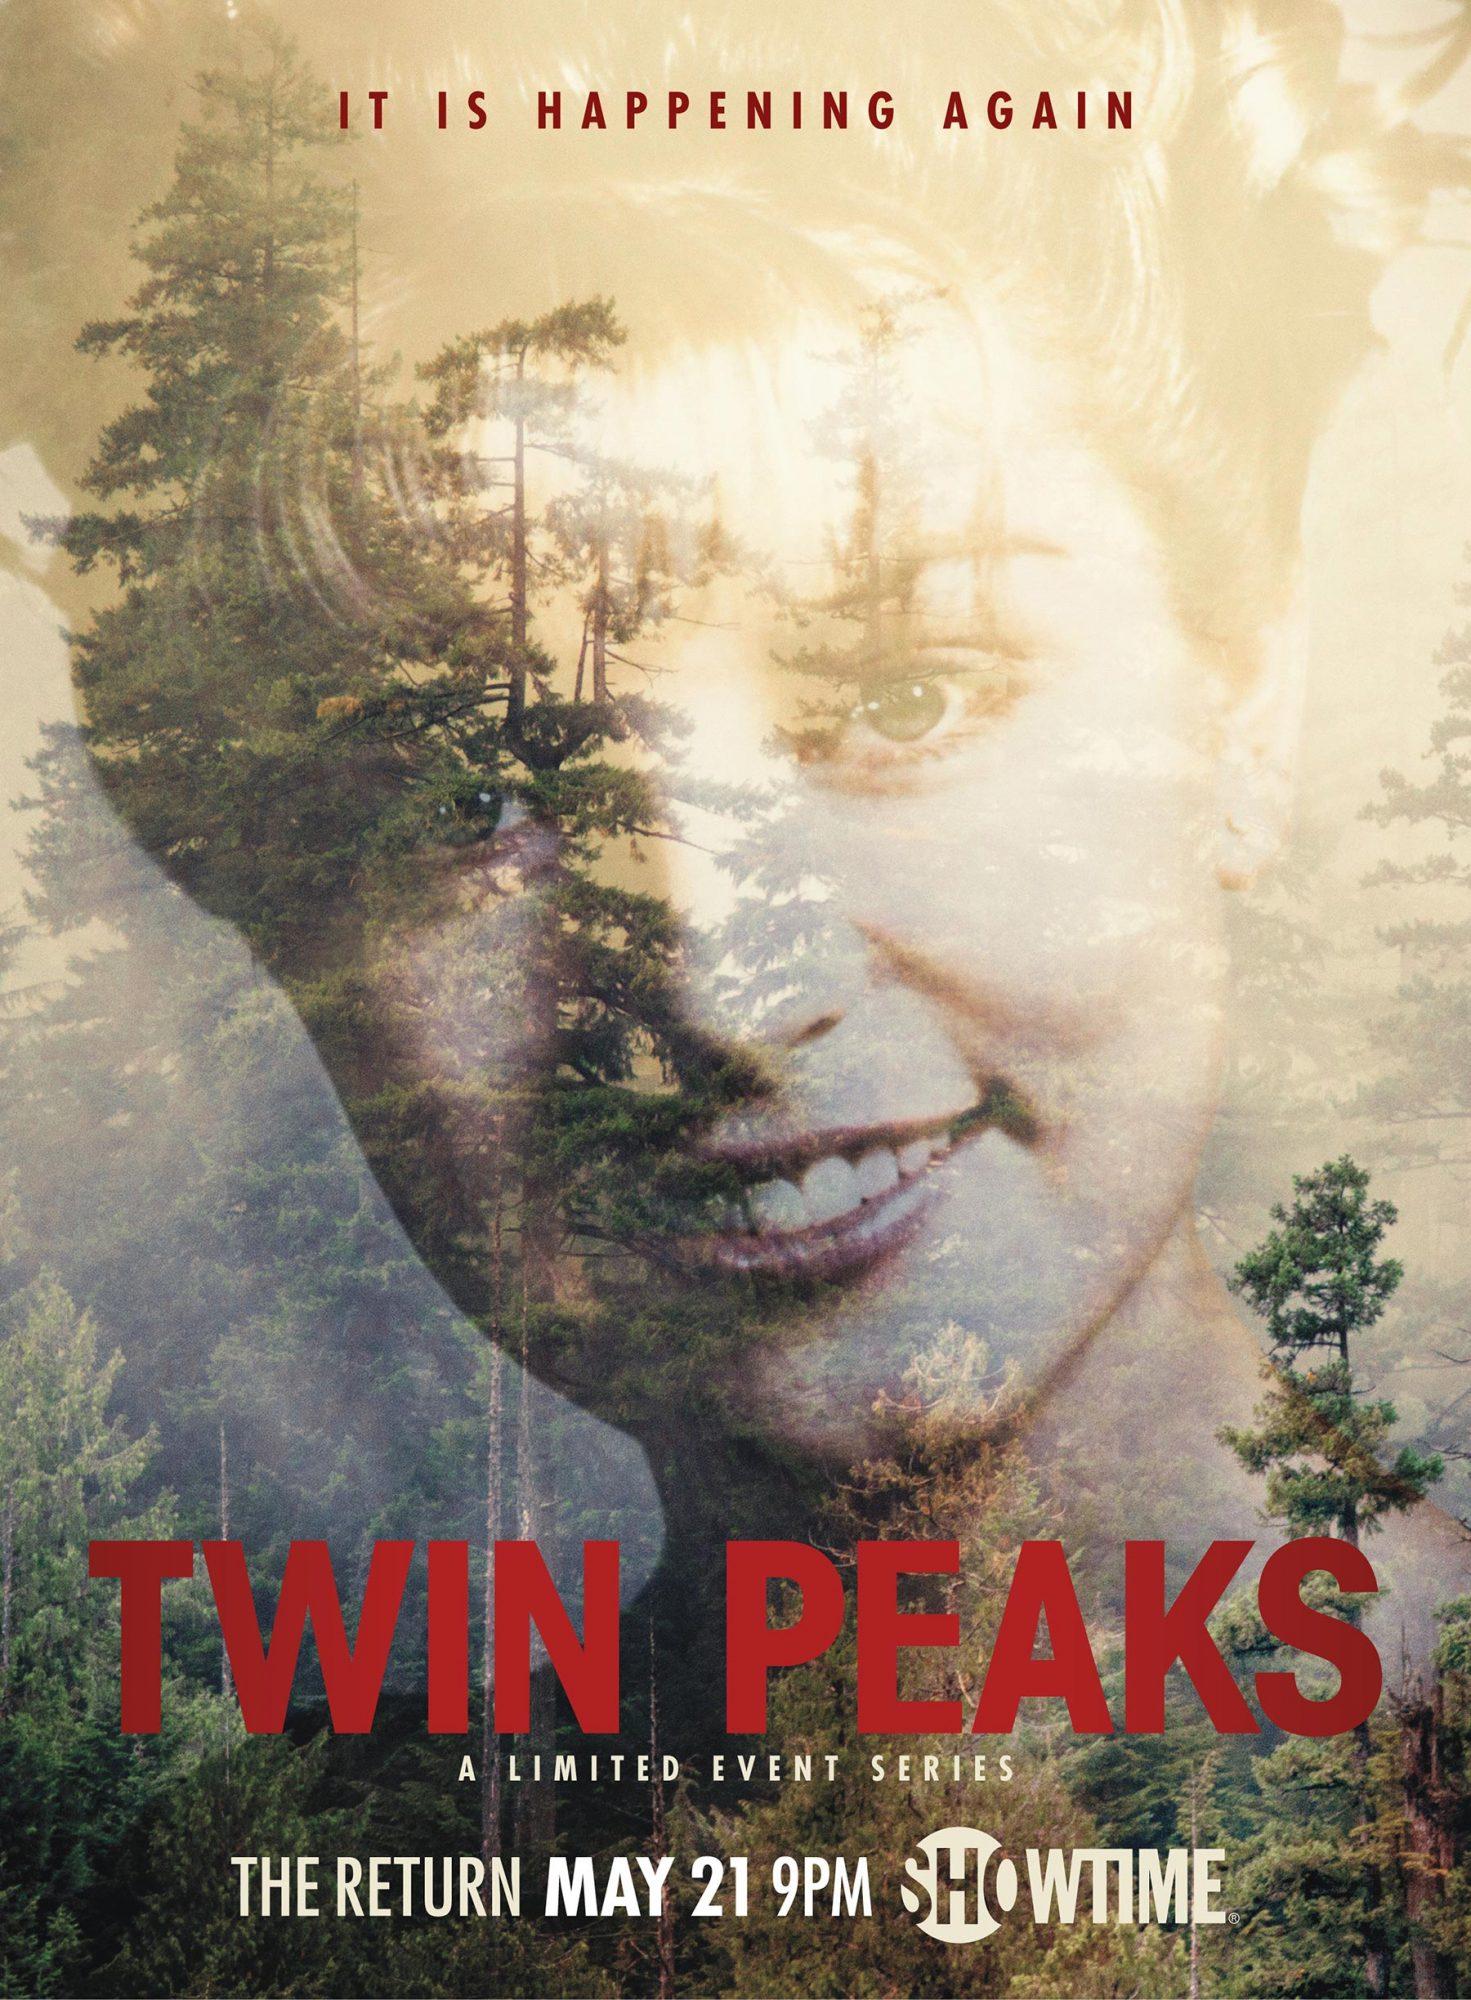 twinpeaks_pr-release_laura_hi-res